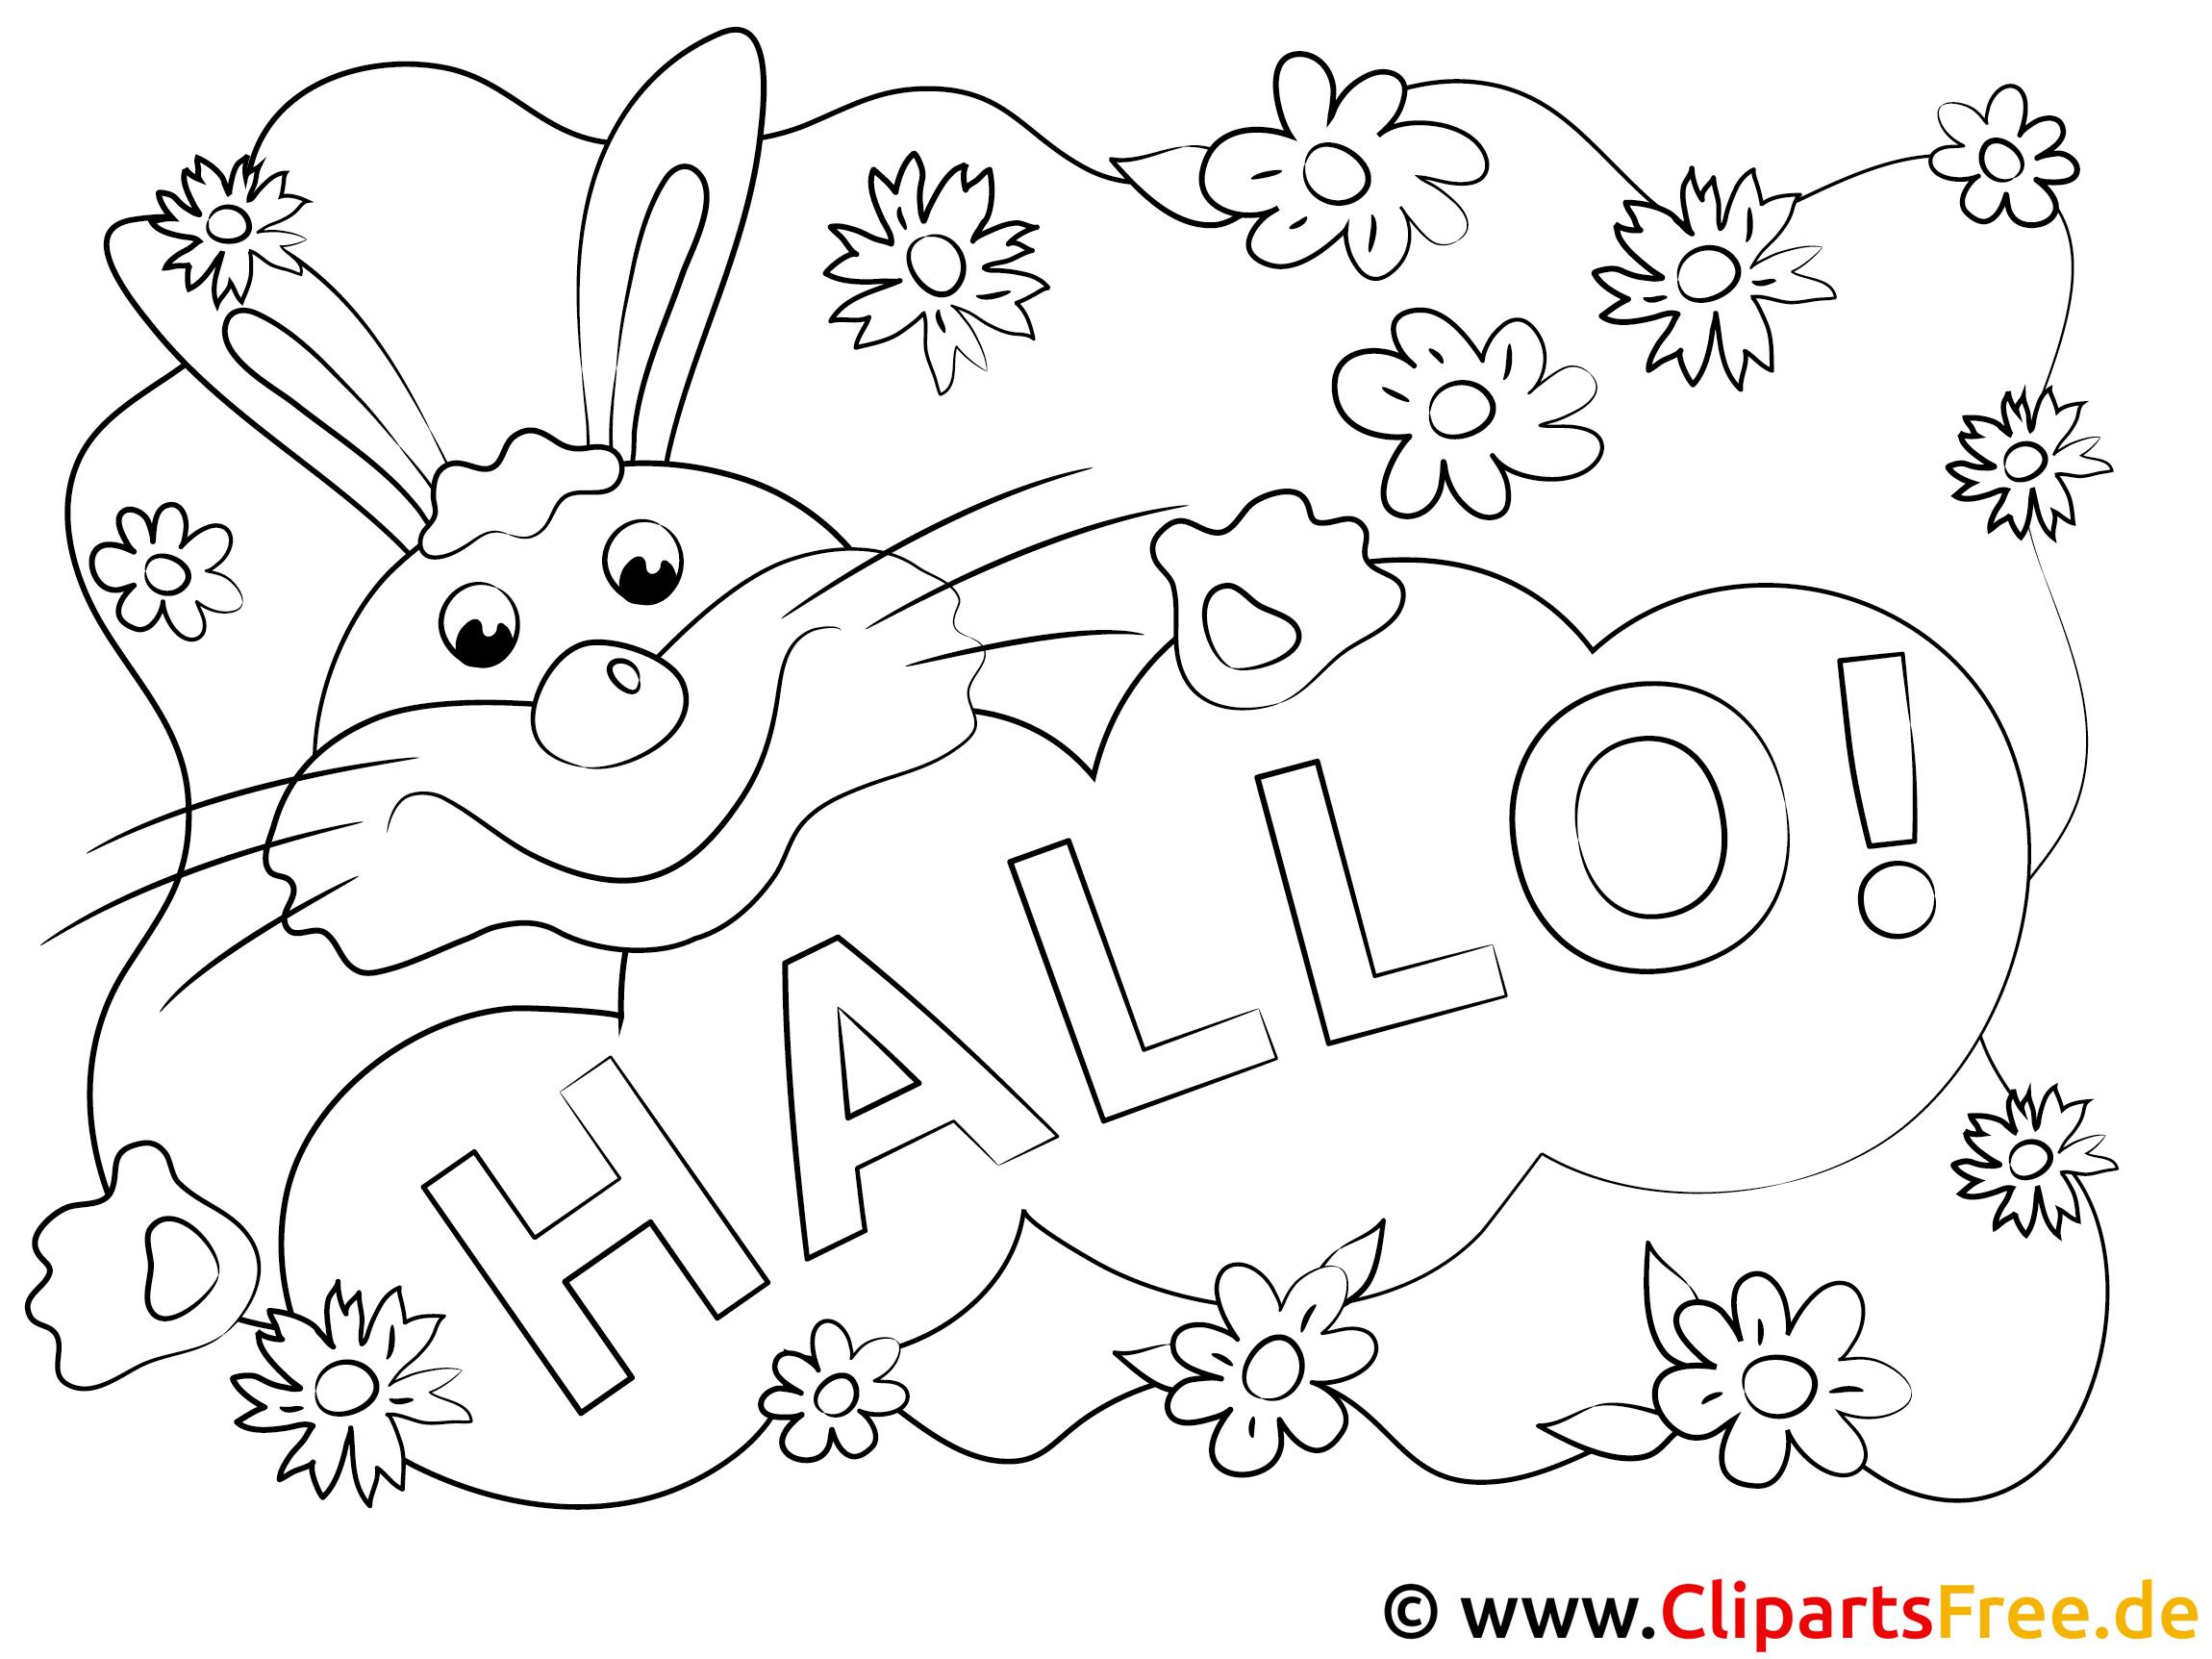 Hase Hallo Ausmalbilder gratis für Kinder